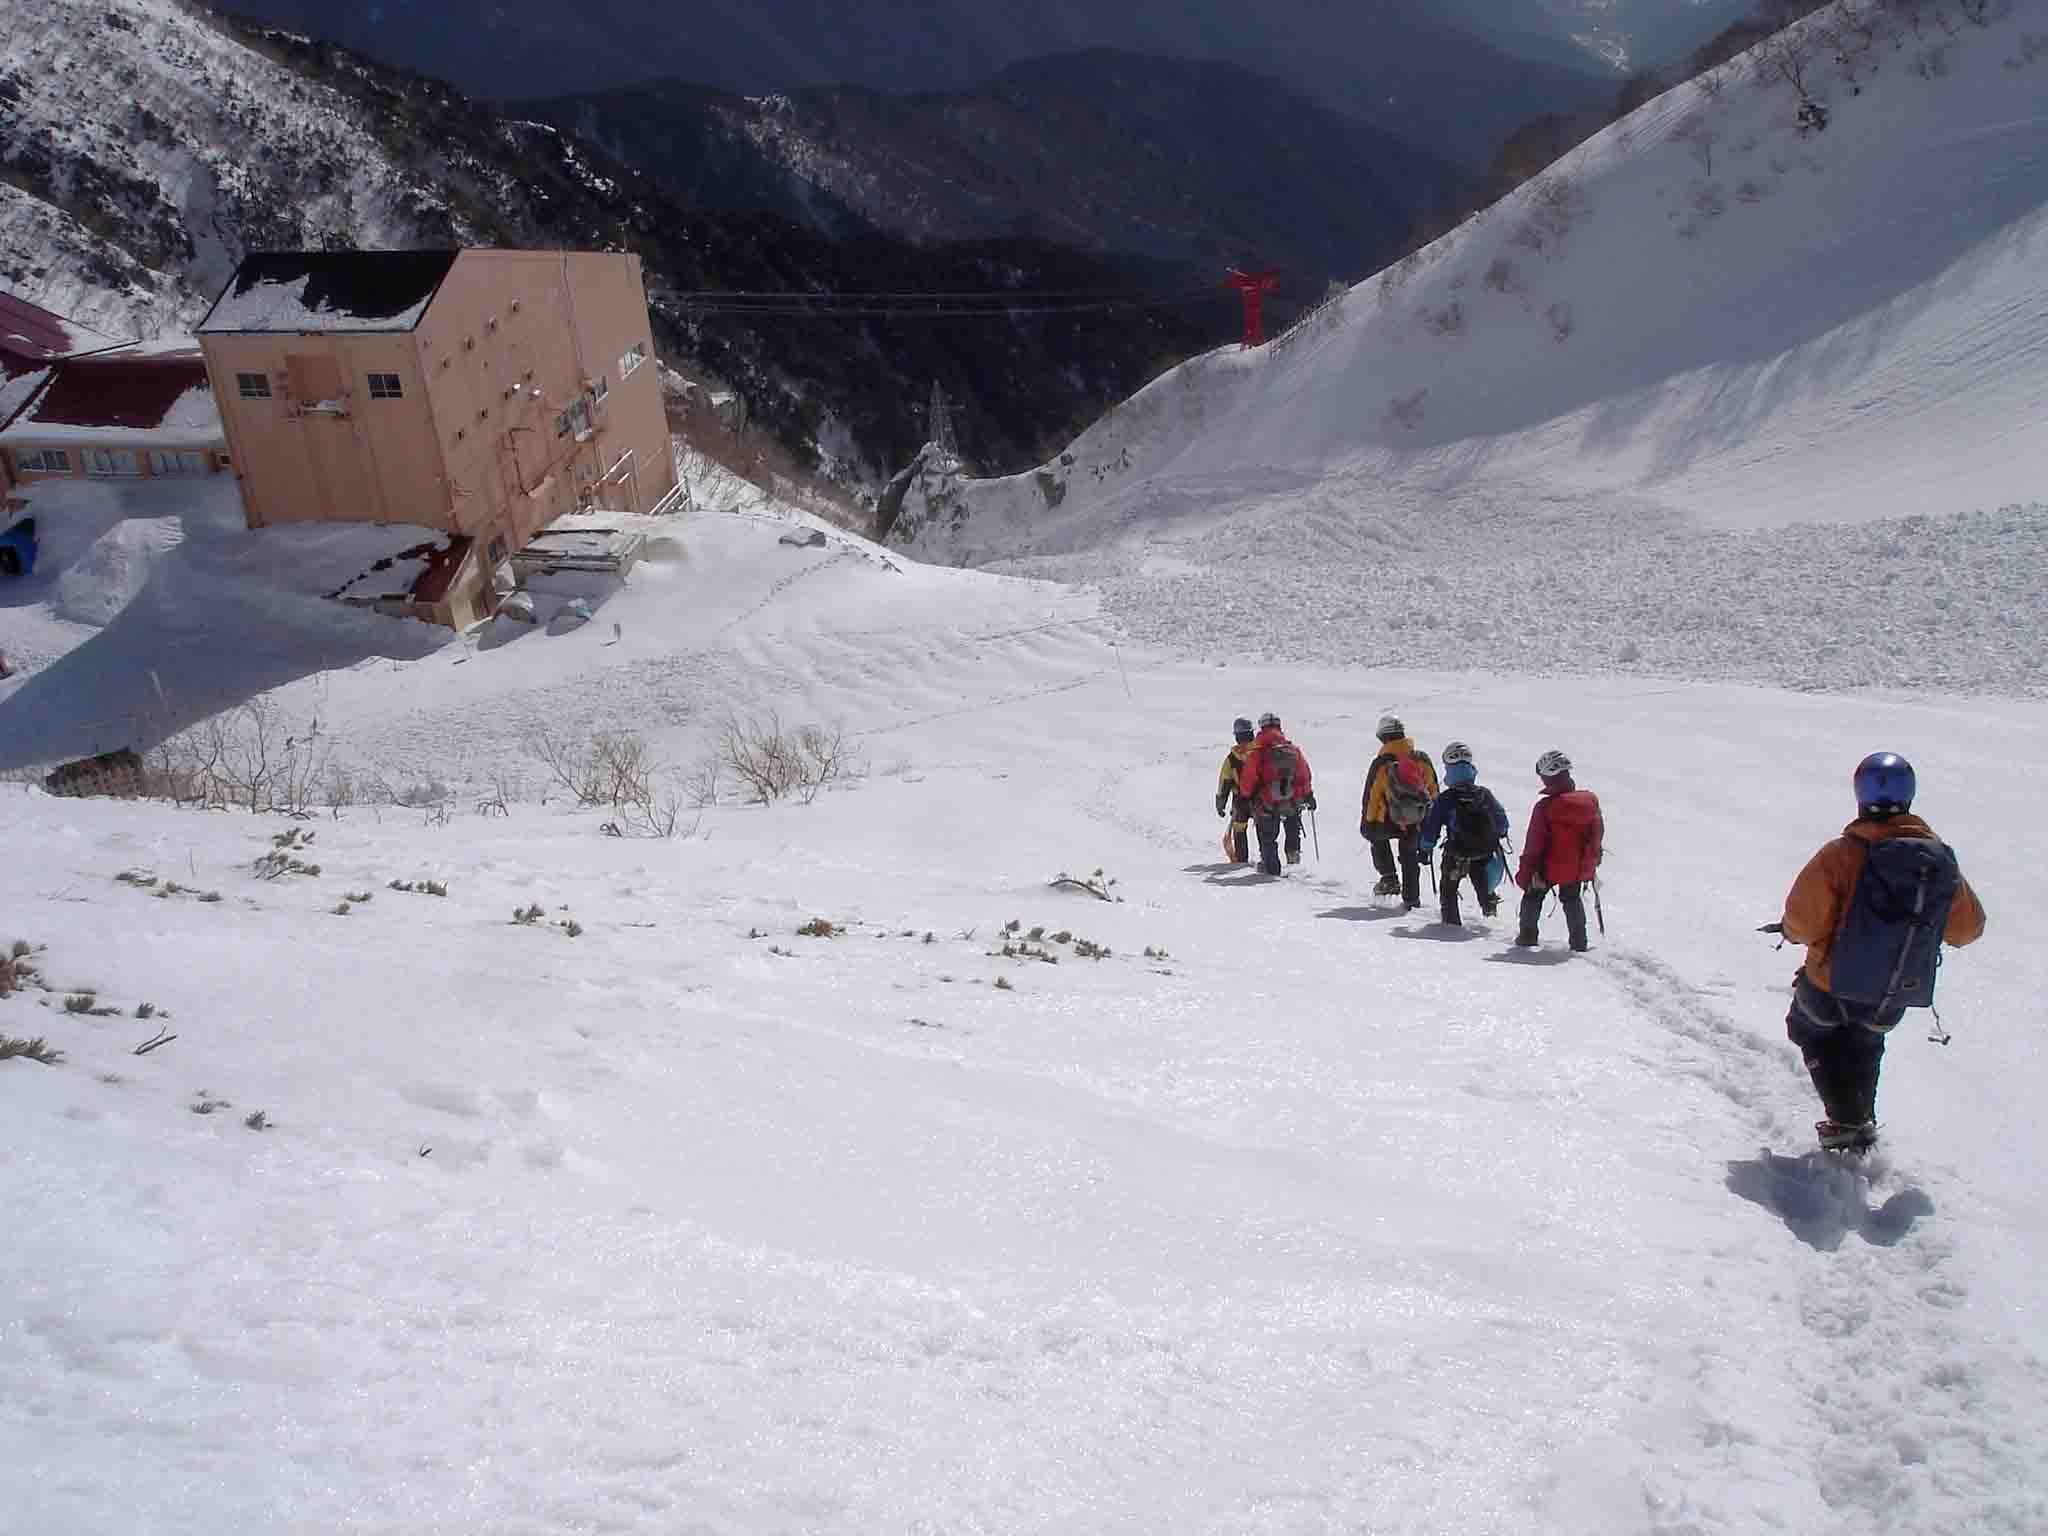 雪庇観察後の下山 DSC05951